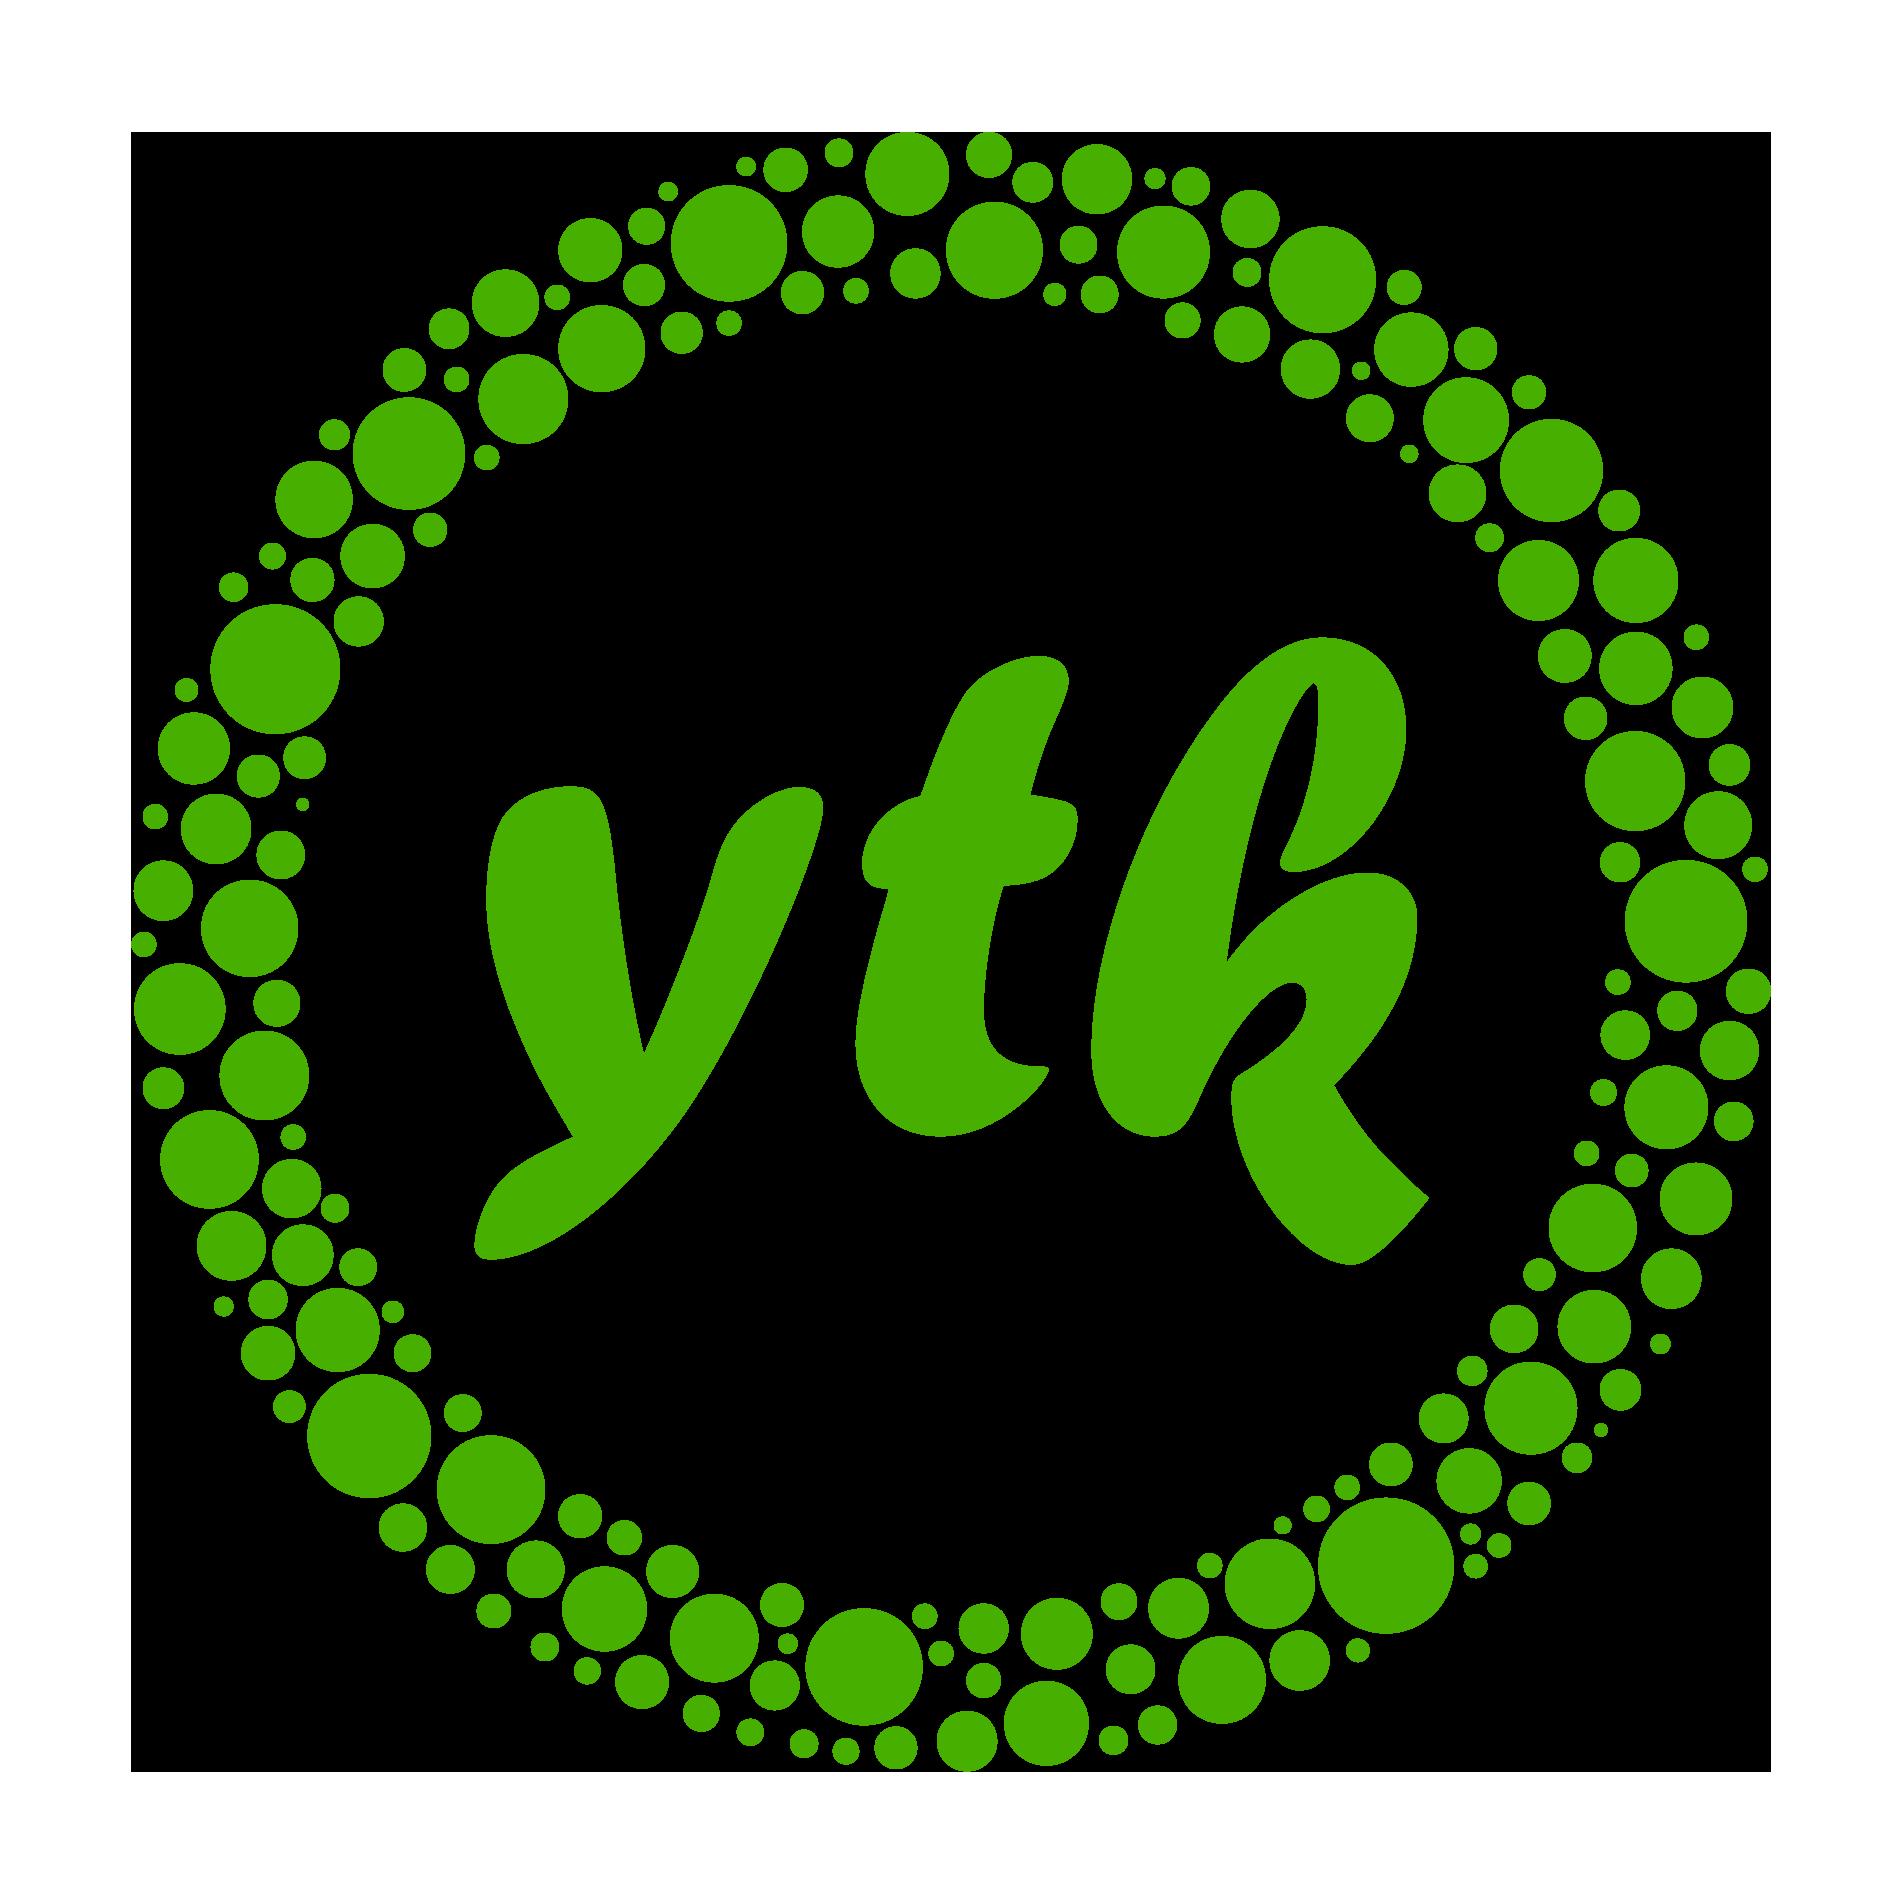 ytk_logo